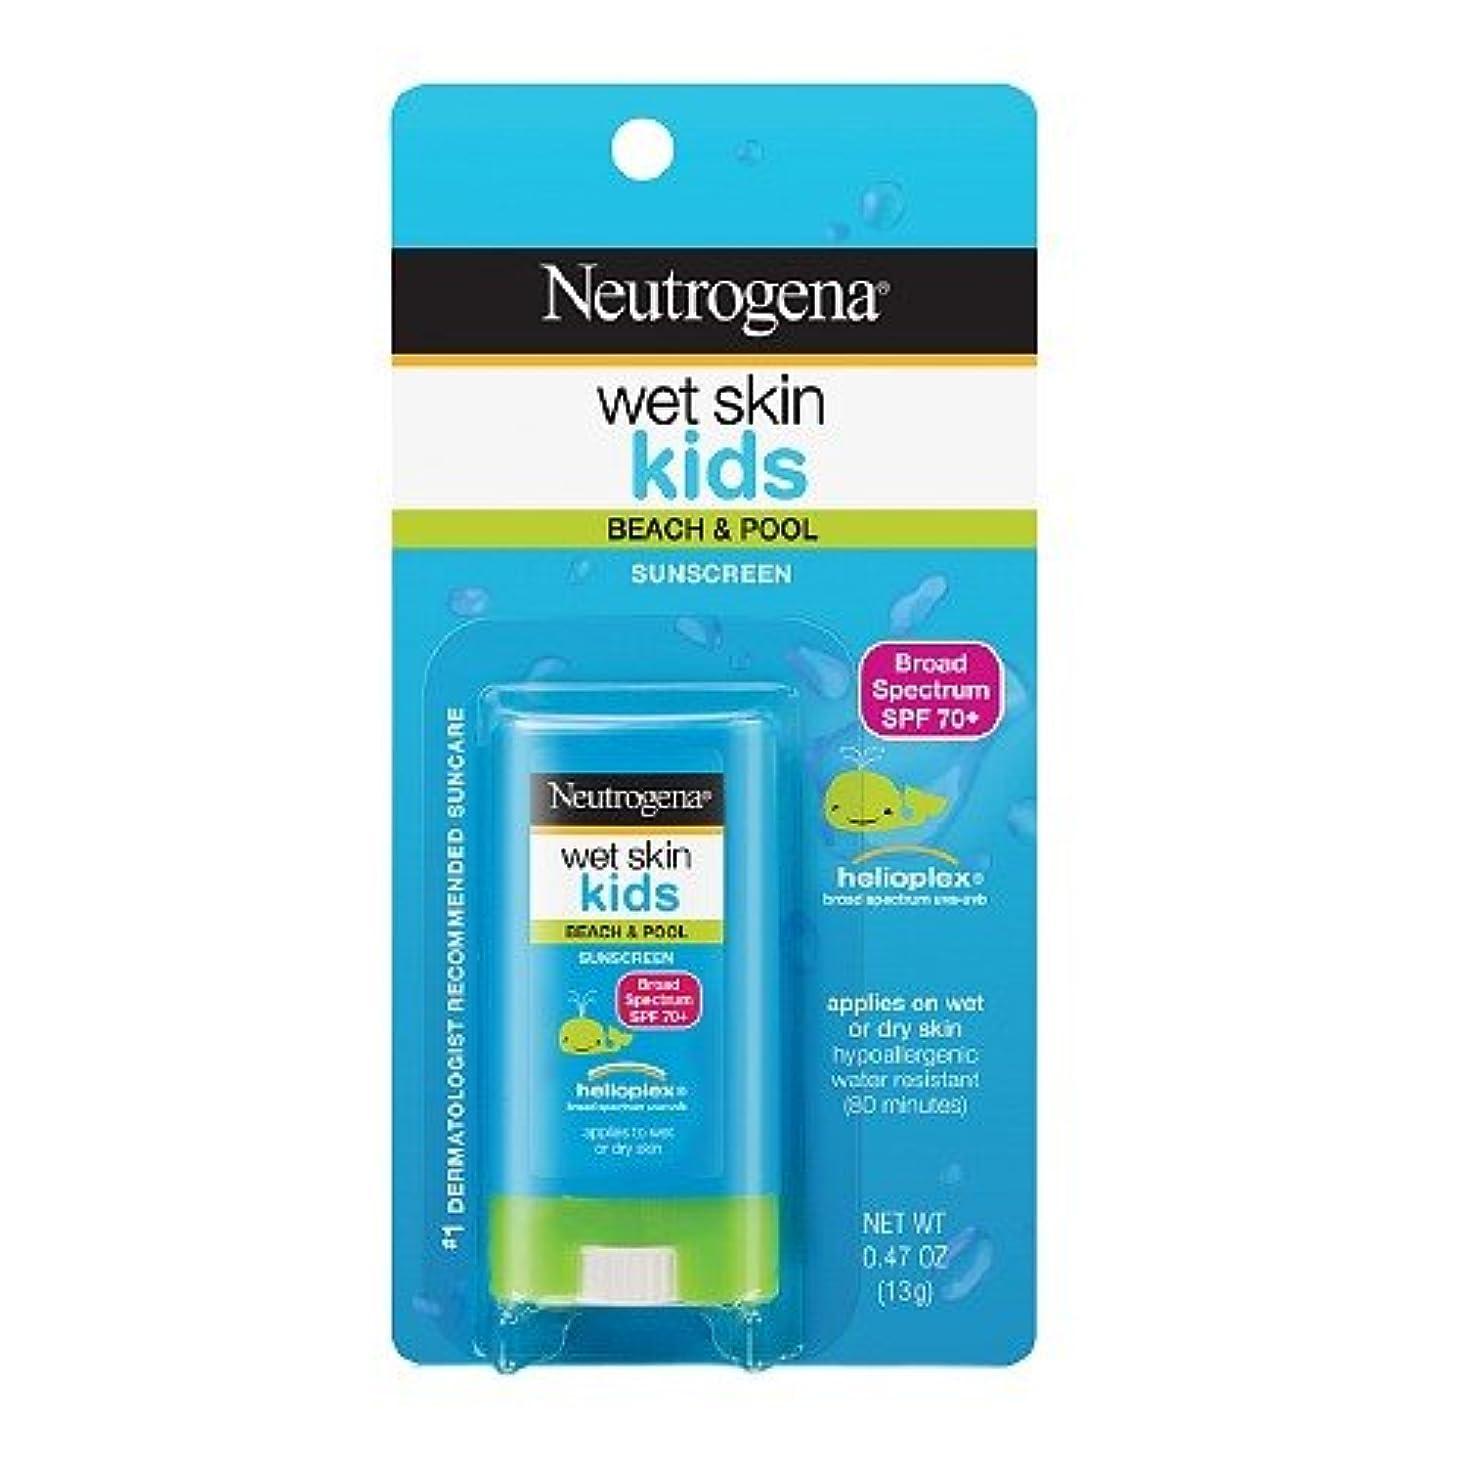 センブランスまたは贅沢Neutrogena ニュートロジーナオイル無ウェットスキンキッズ日焼け止めスティック SPF70 13g 並行輸入品